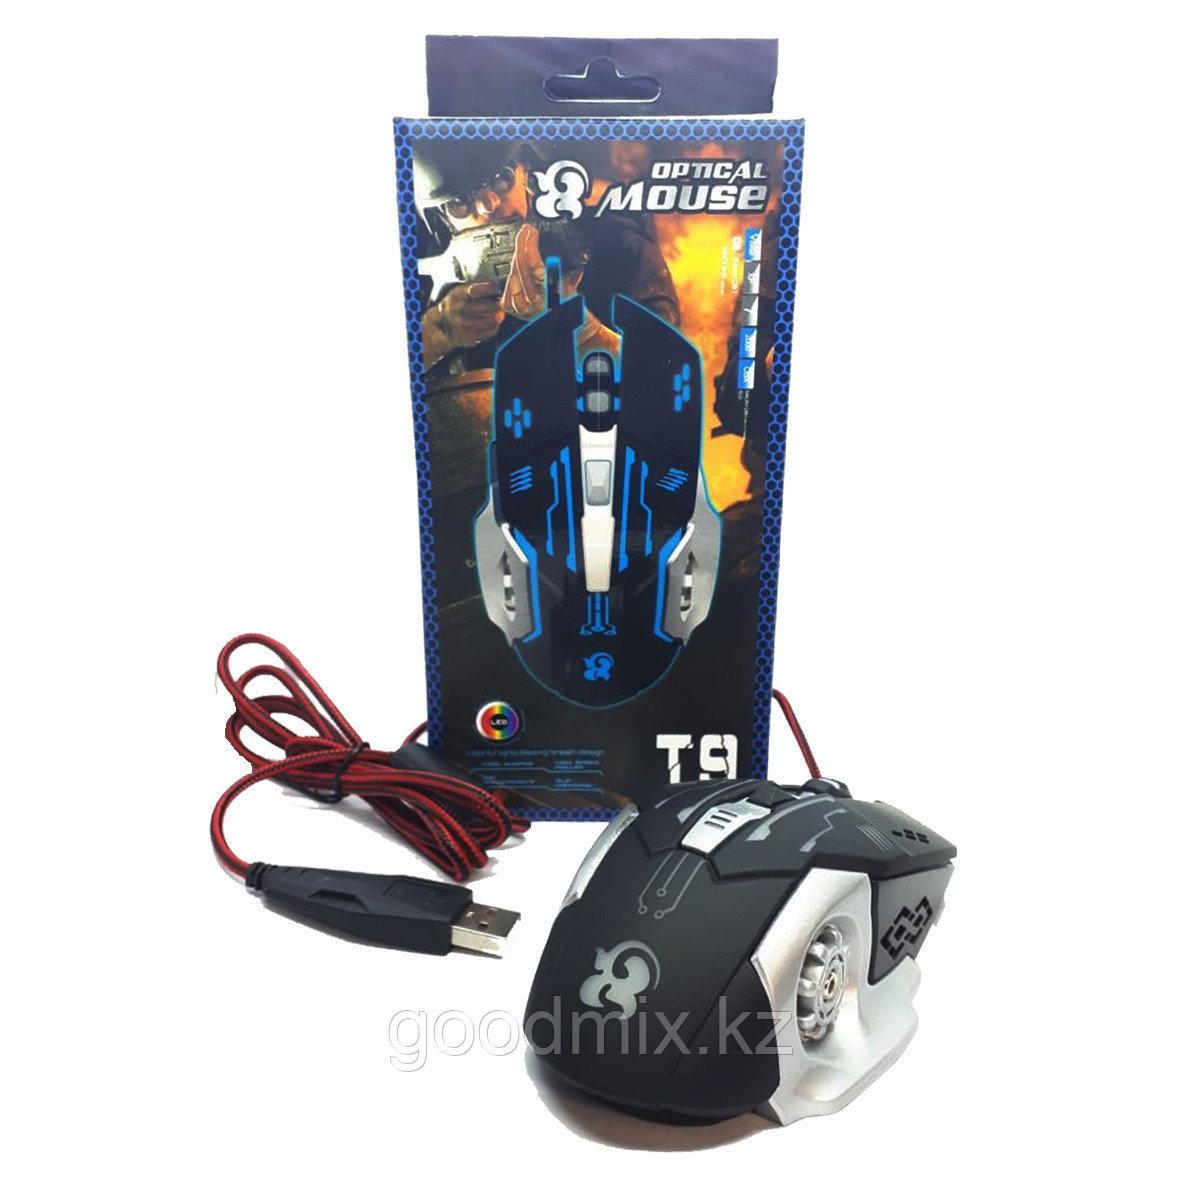 Игровая мышь T9 , 3600 dpi/ USB/ Black Silver